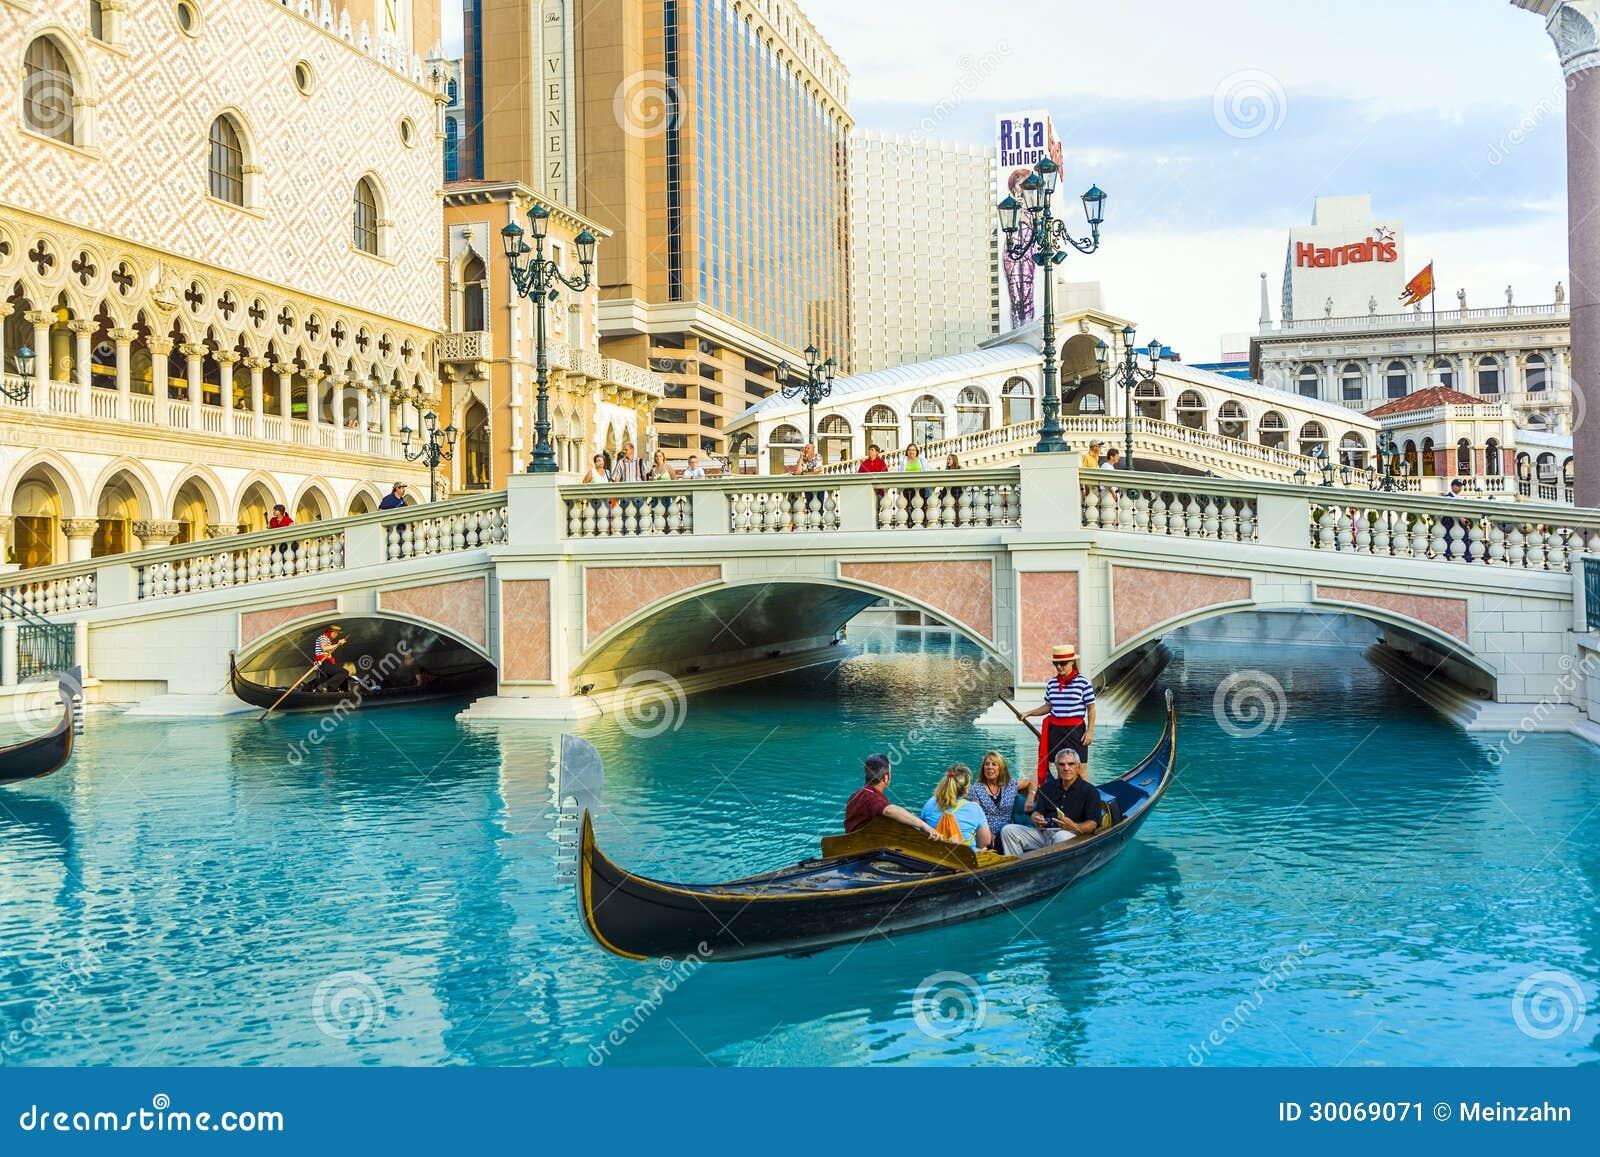 Reproduction de venise d 39 italie las vegas en tant qu for Hotel venise piscine interieure